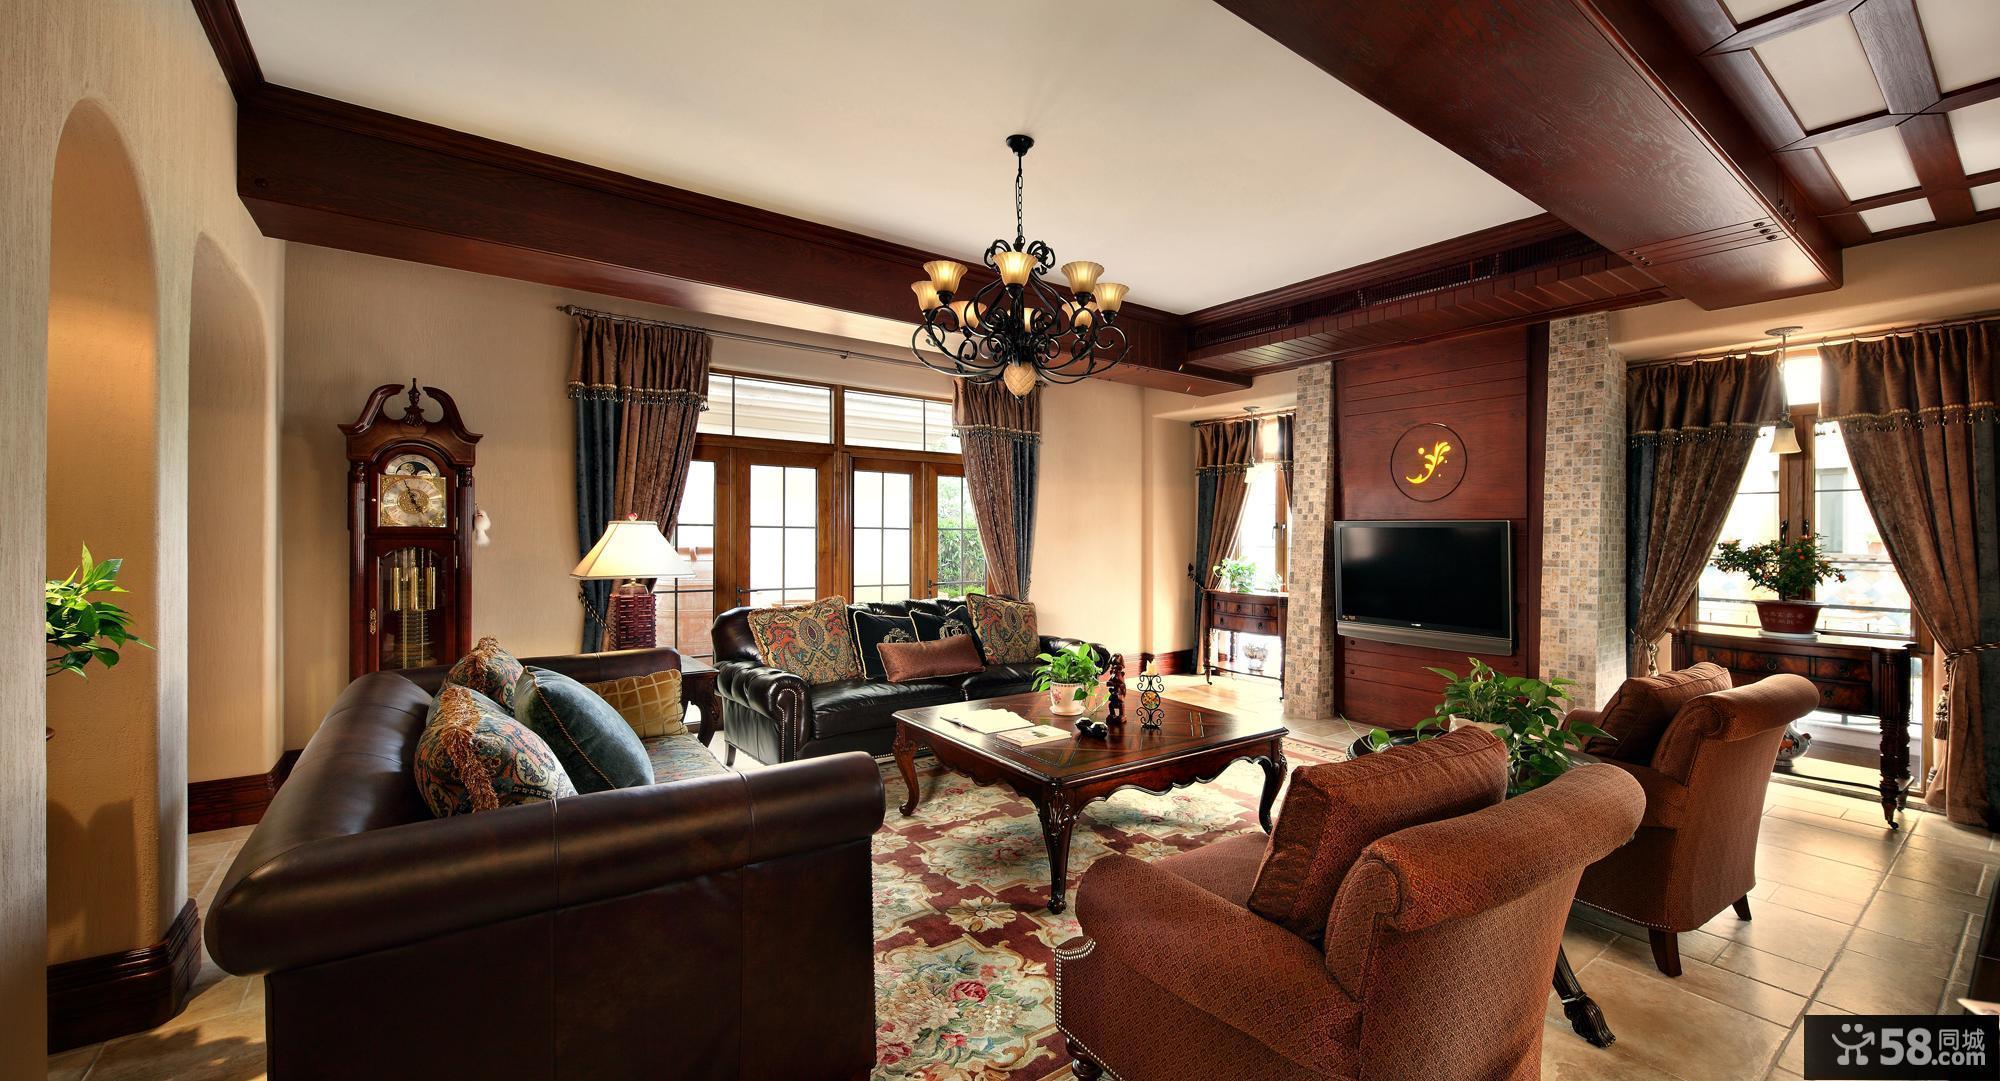 美式乡村客厅吊顶设计效果图图片